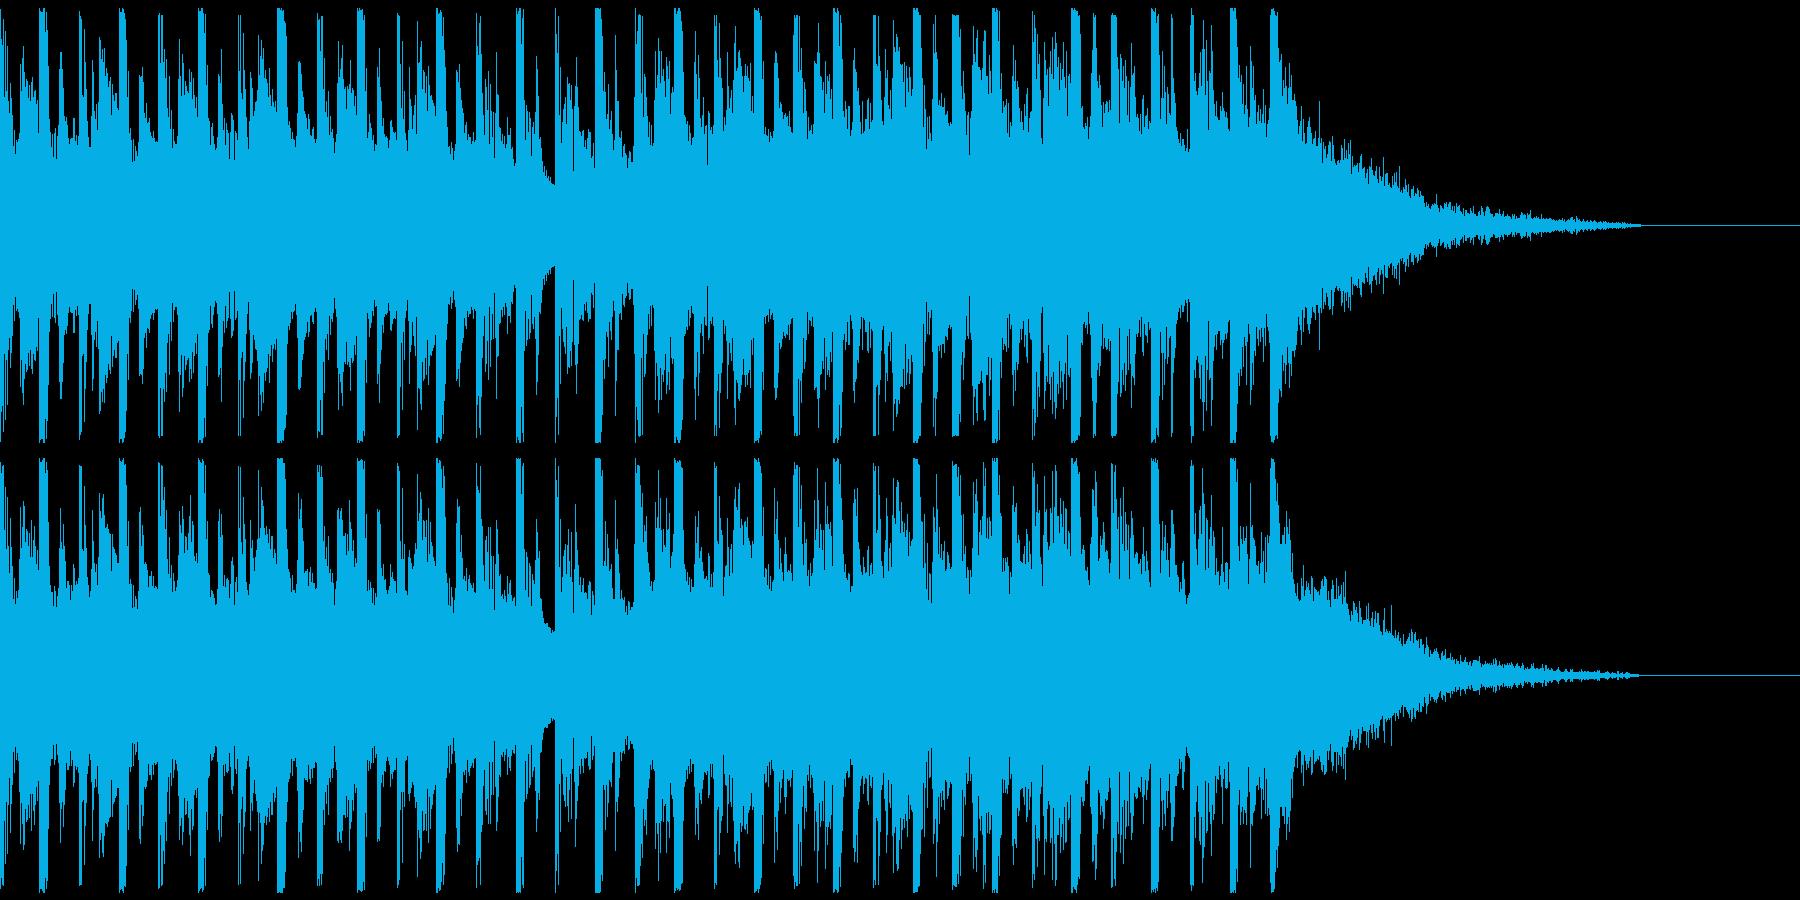 オシャレ・戦闘・スリリングEDM、⑨の再生済みの波形